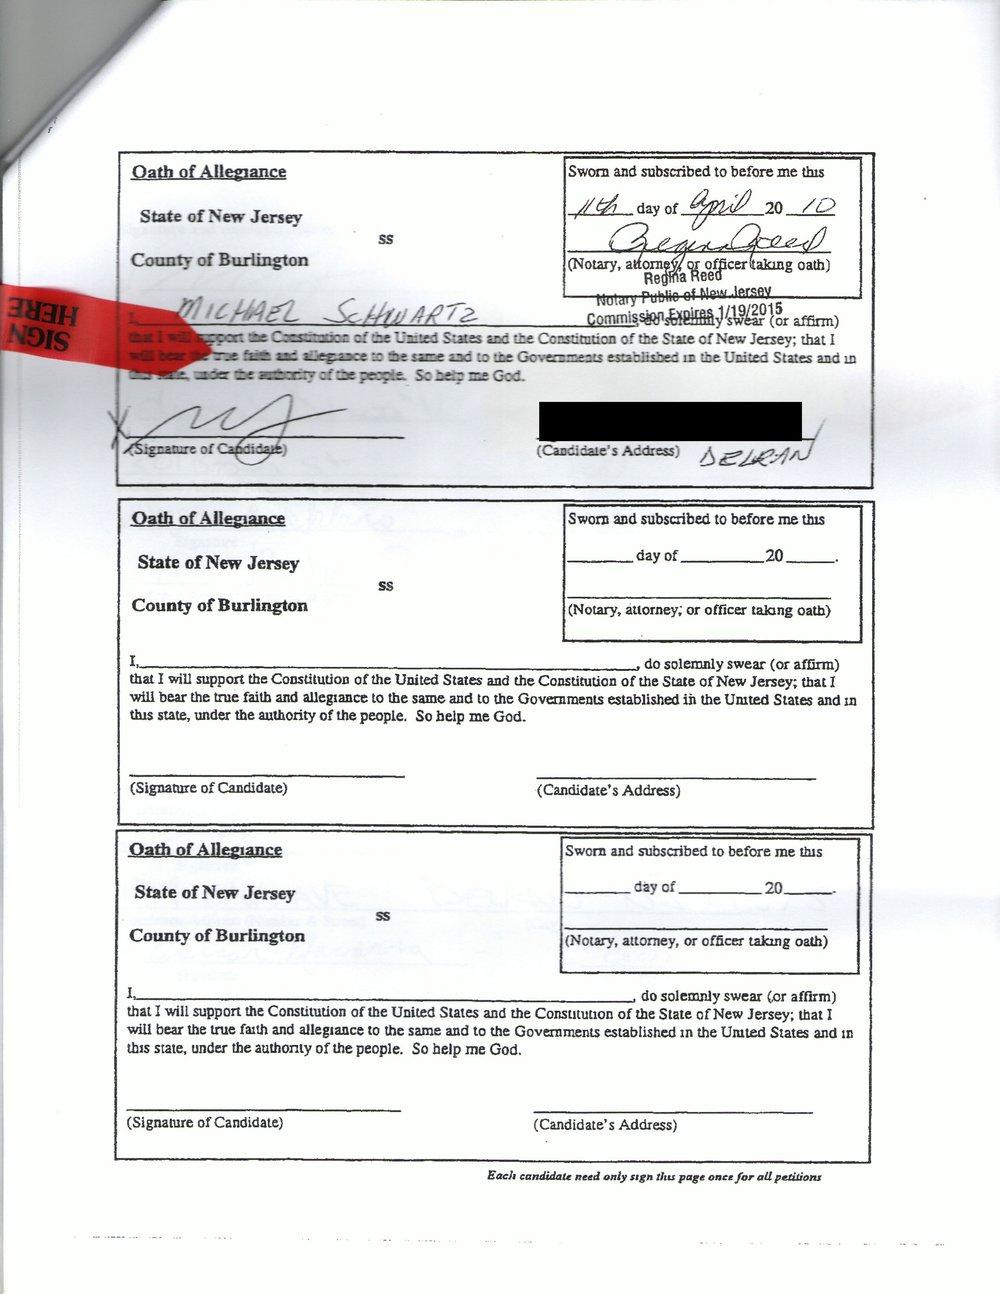 2010 petition 2redacted.jpg